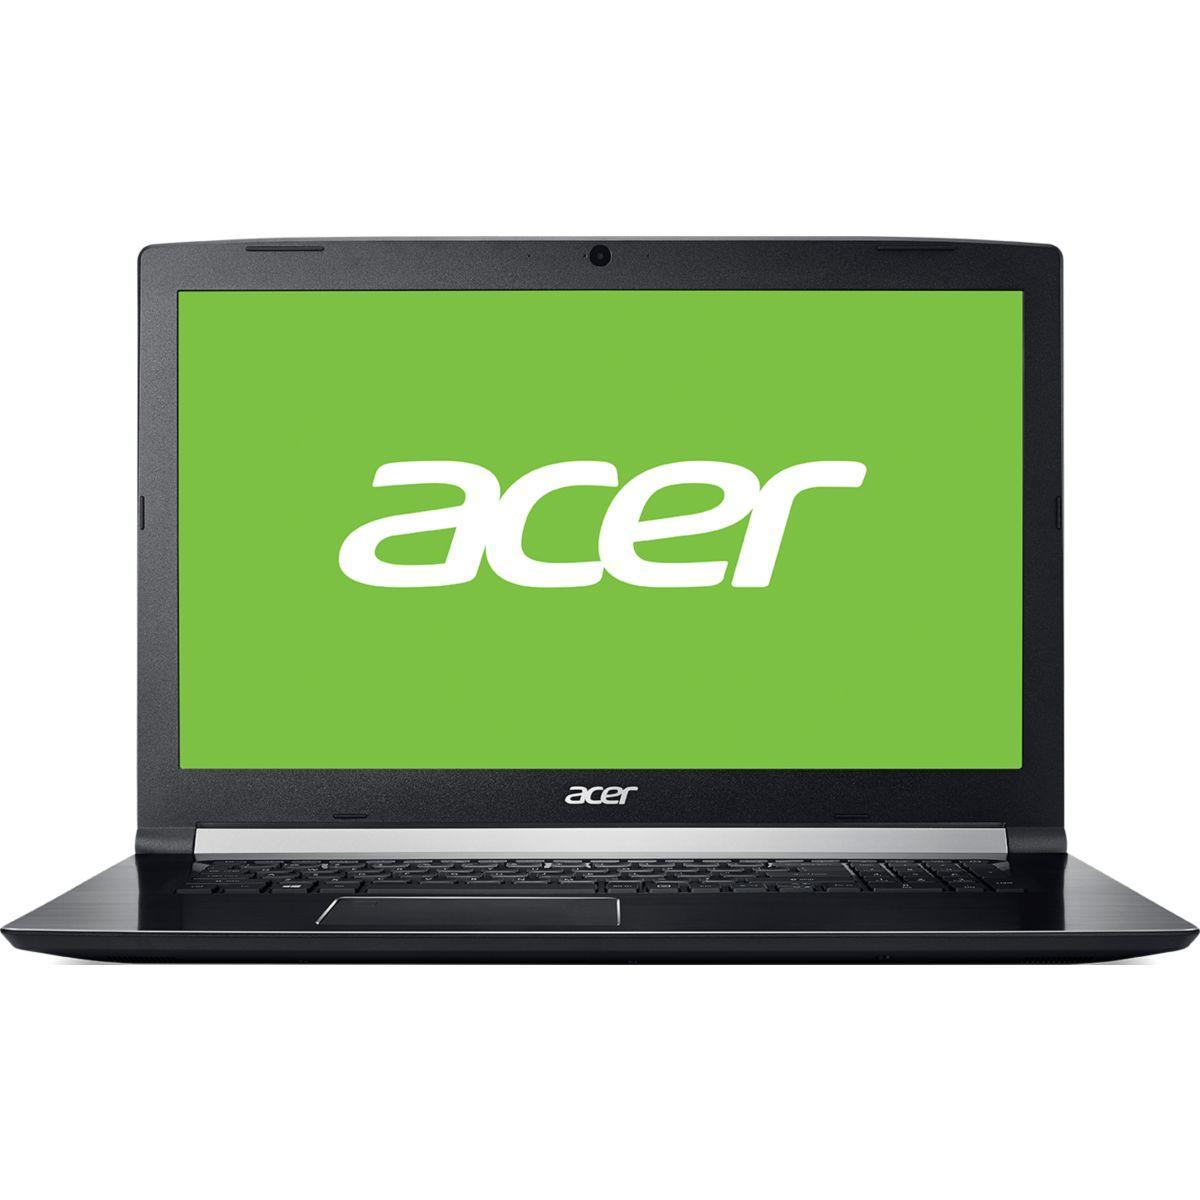 Portable acer aspire a717-71g-58p6 - 10% de remise immédiate avec le code : anniv10 (photo)